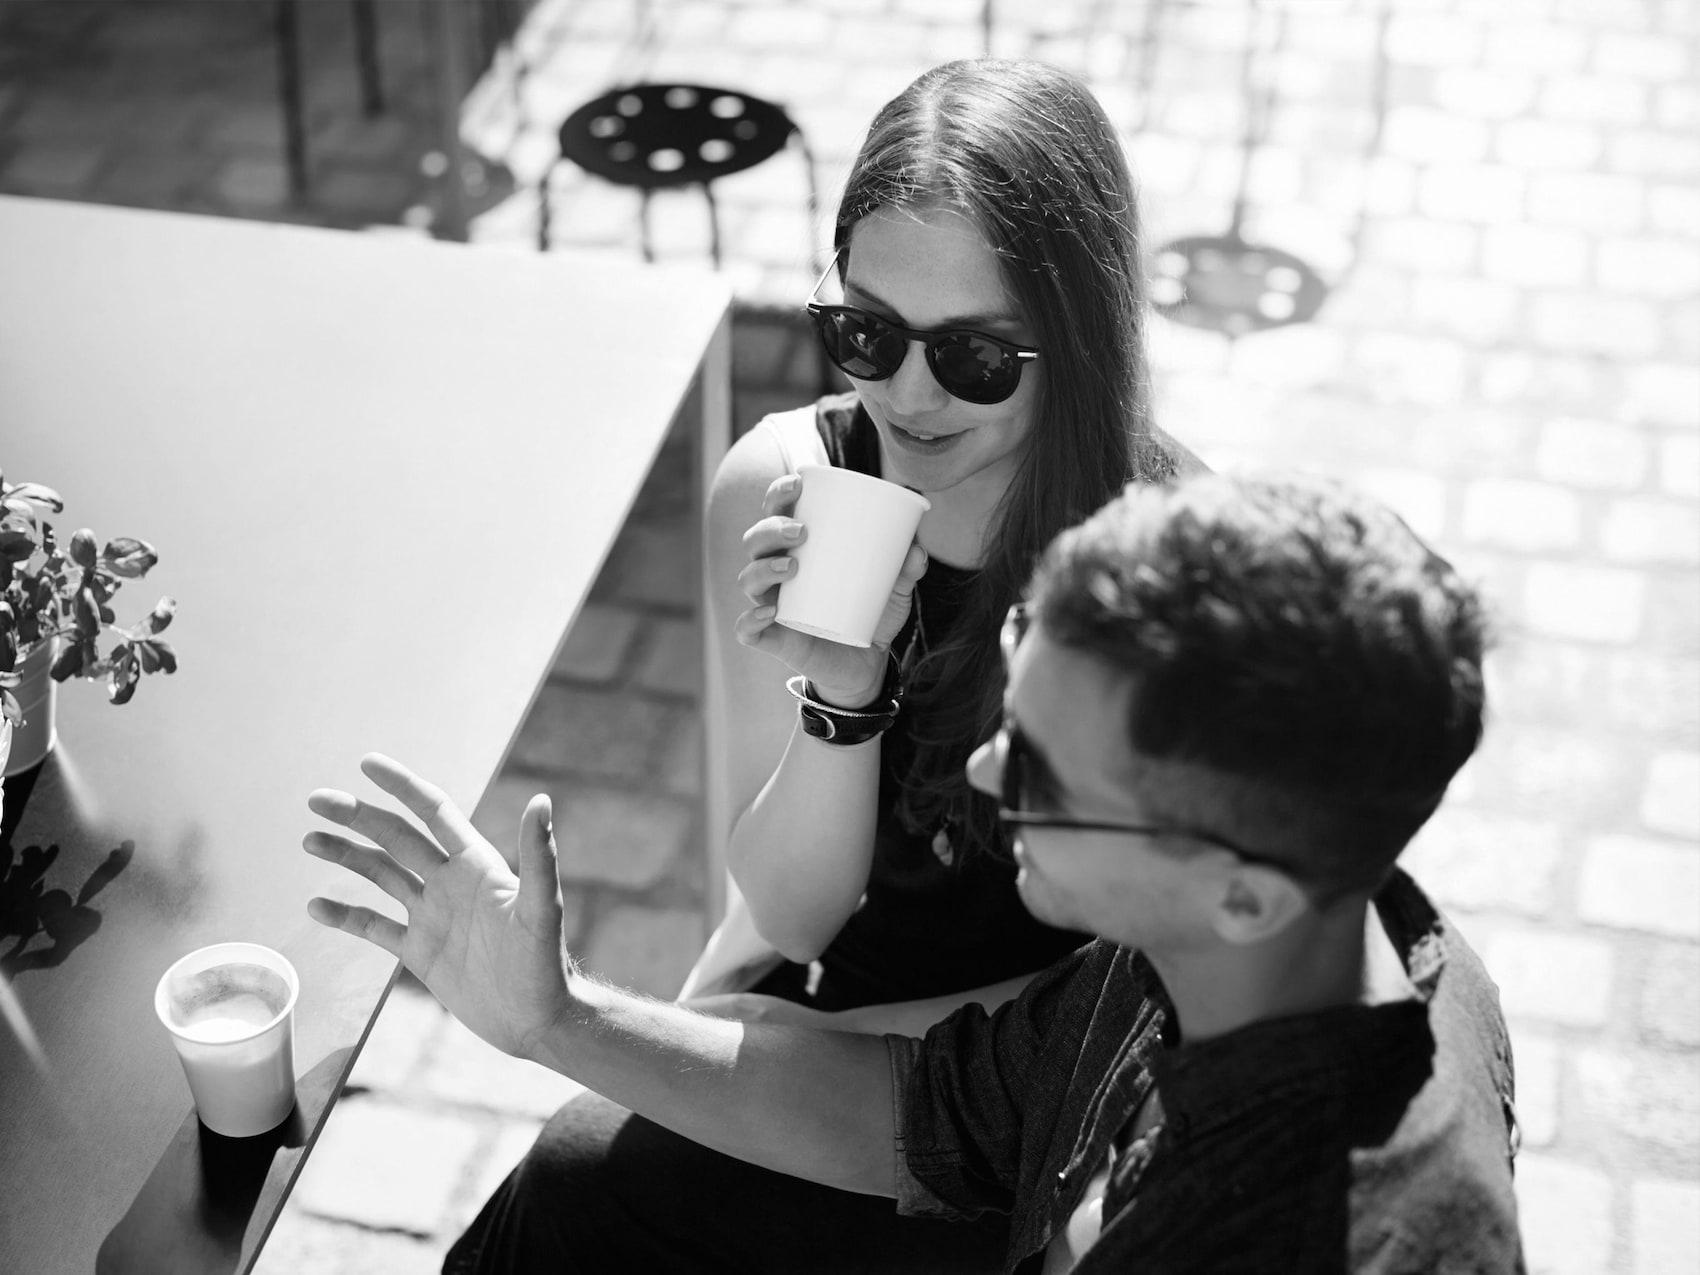 Eine junge Frau und ein junger Mann tanken neue Energie mit Kaffeeverzehr am Tisch.